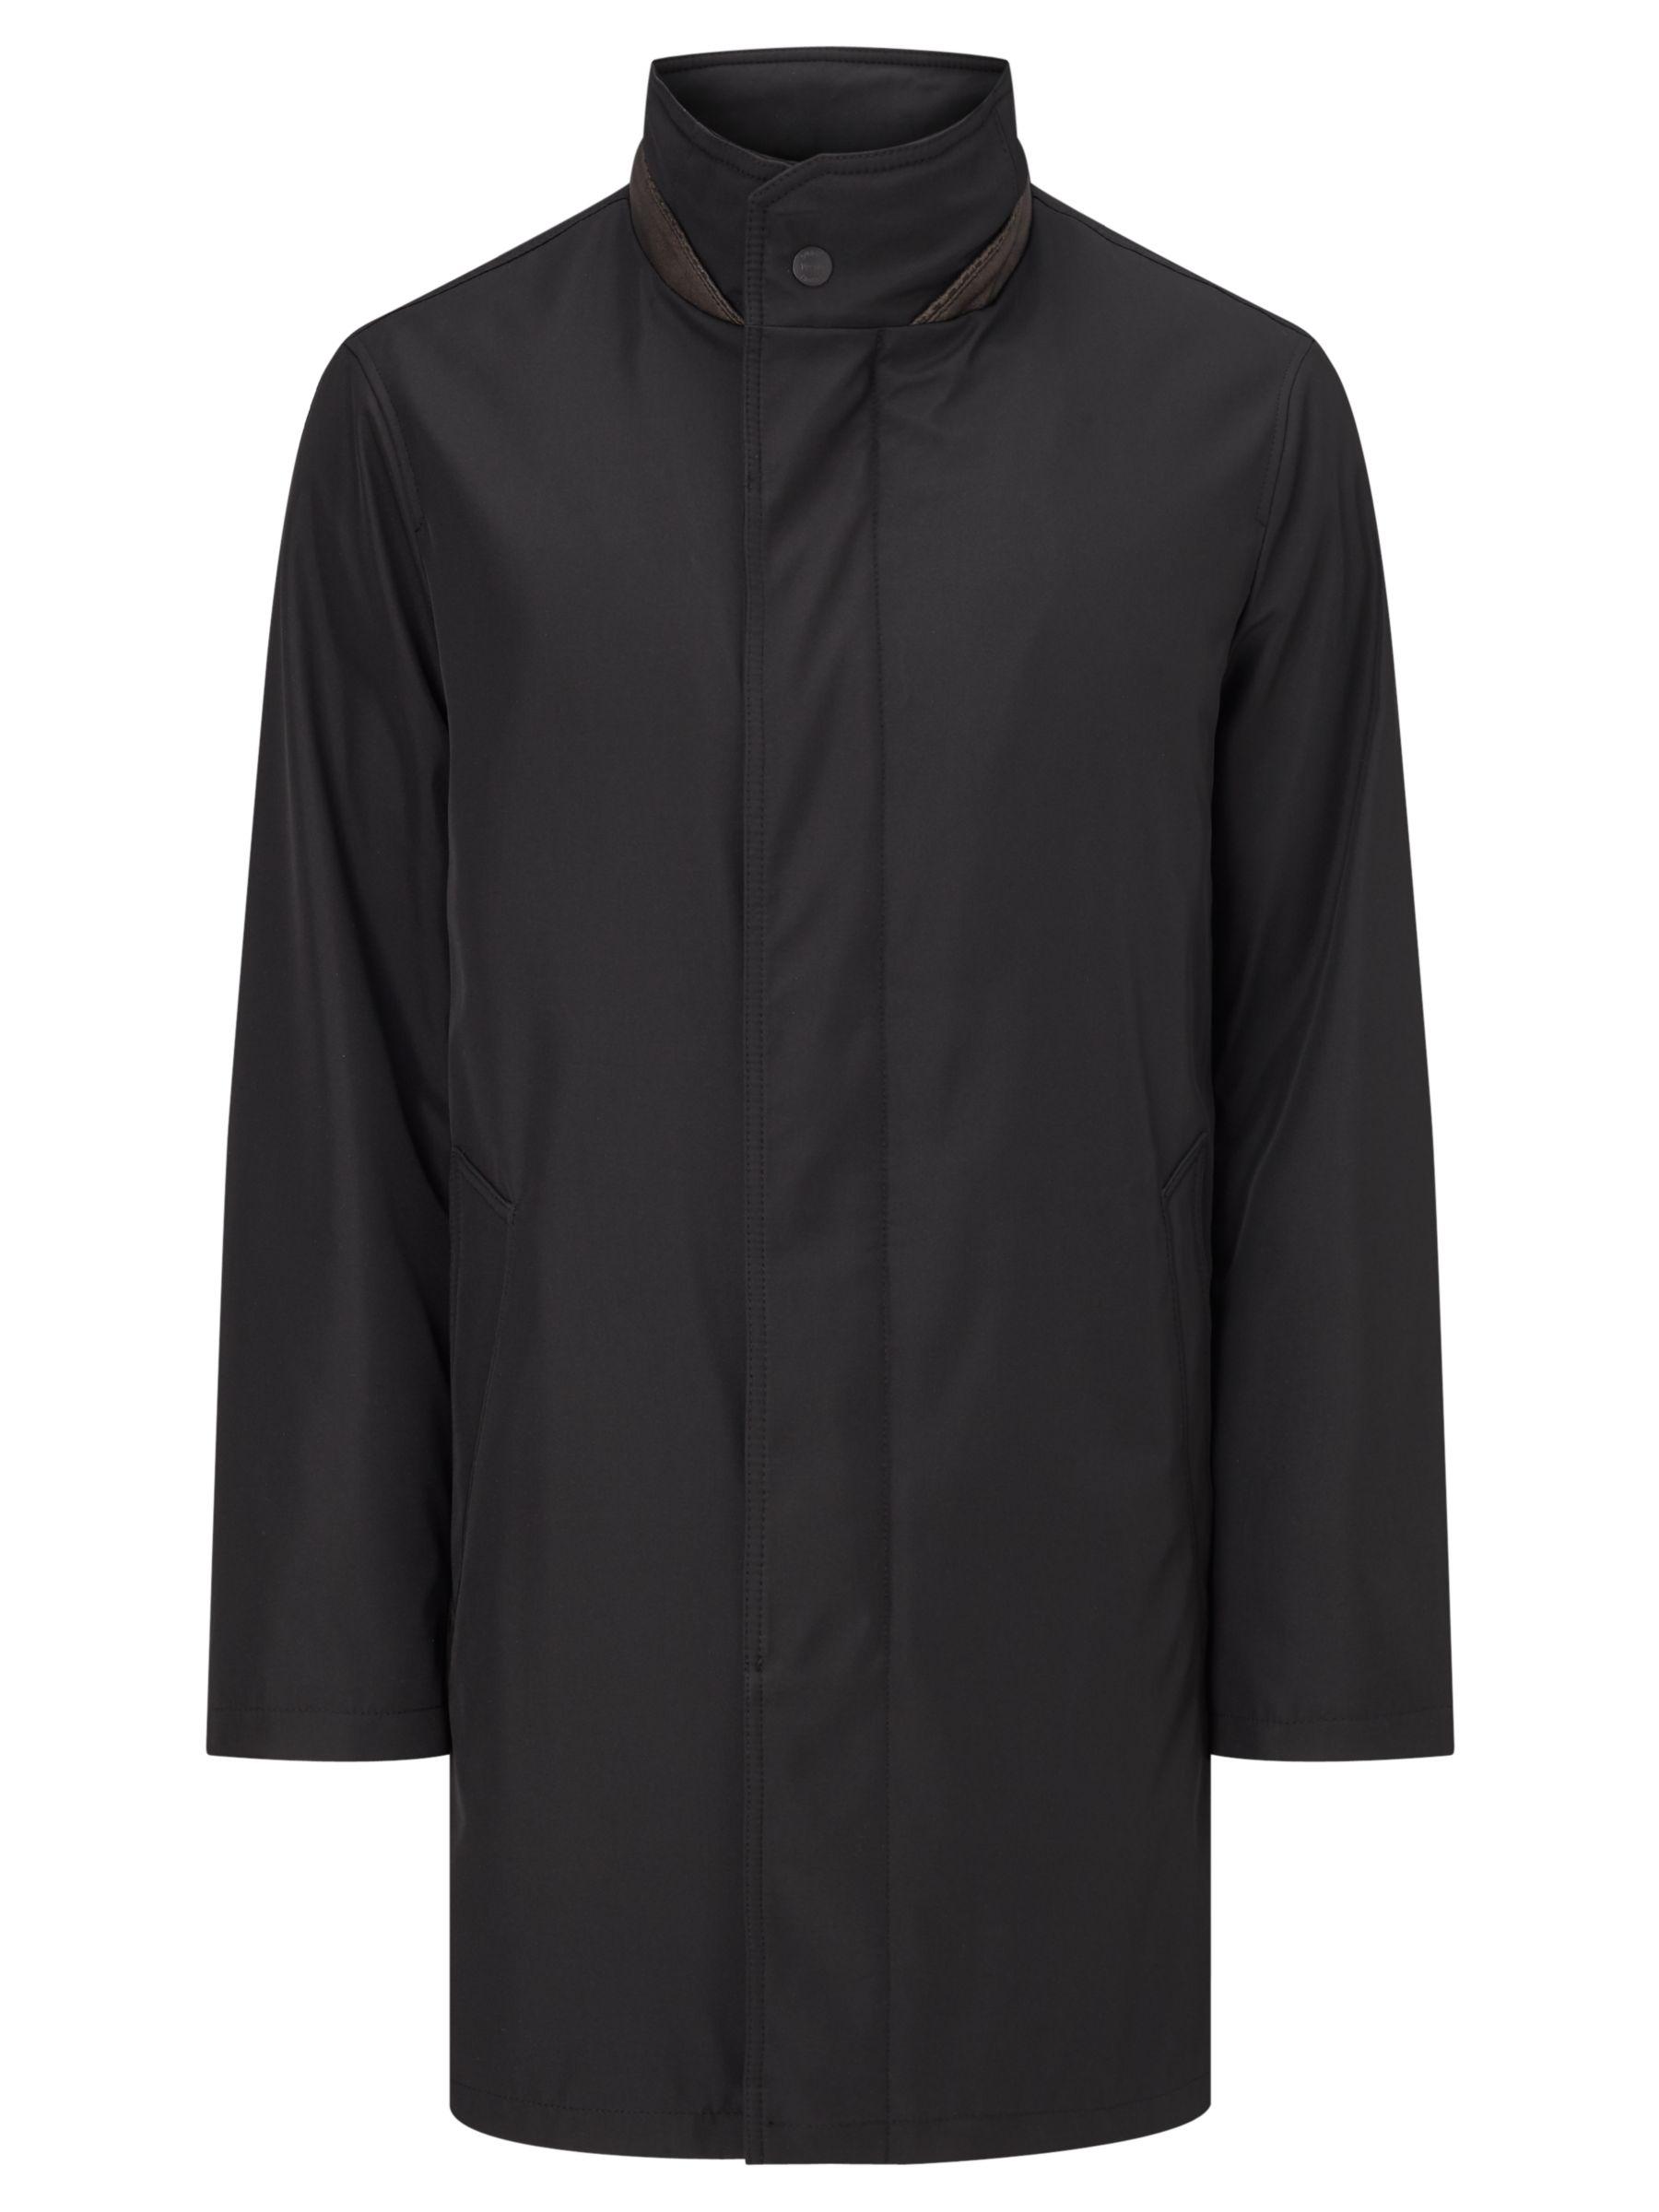 Bugatti Bugatti 94cm Funnel Neck Water-Repellent Raincoat, Black